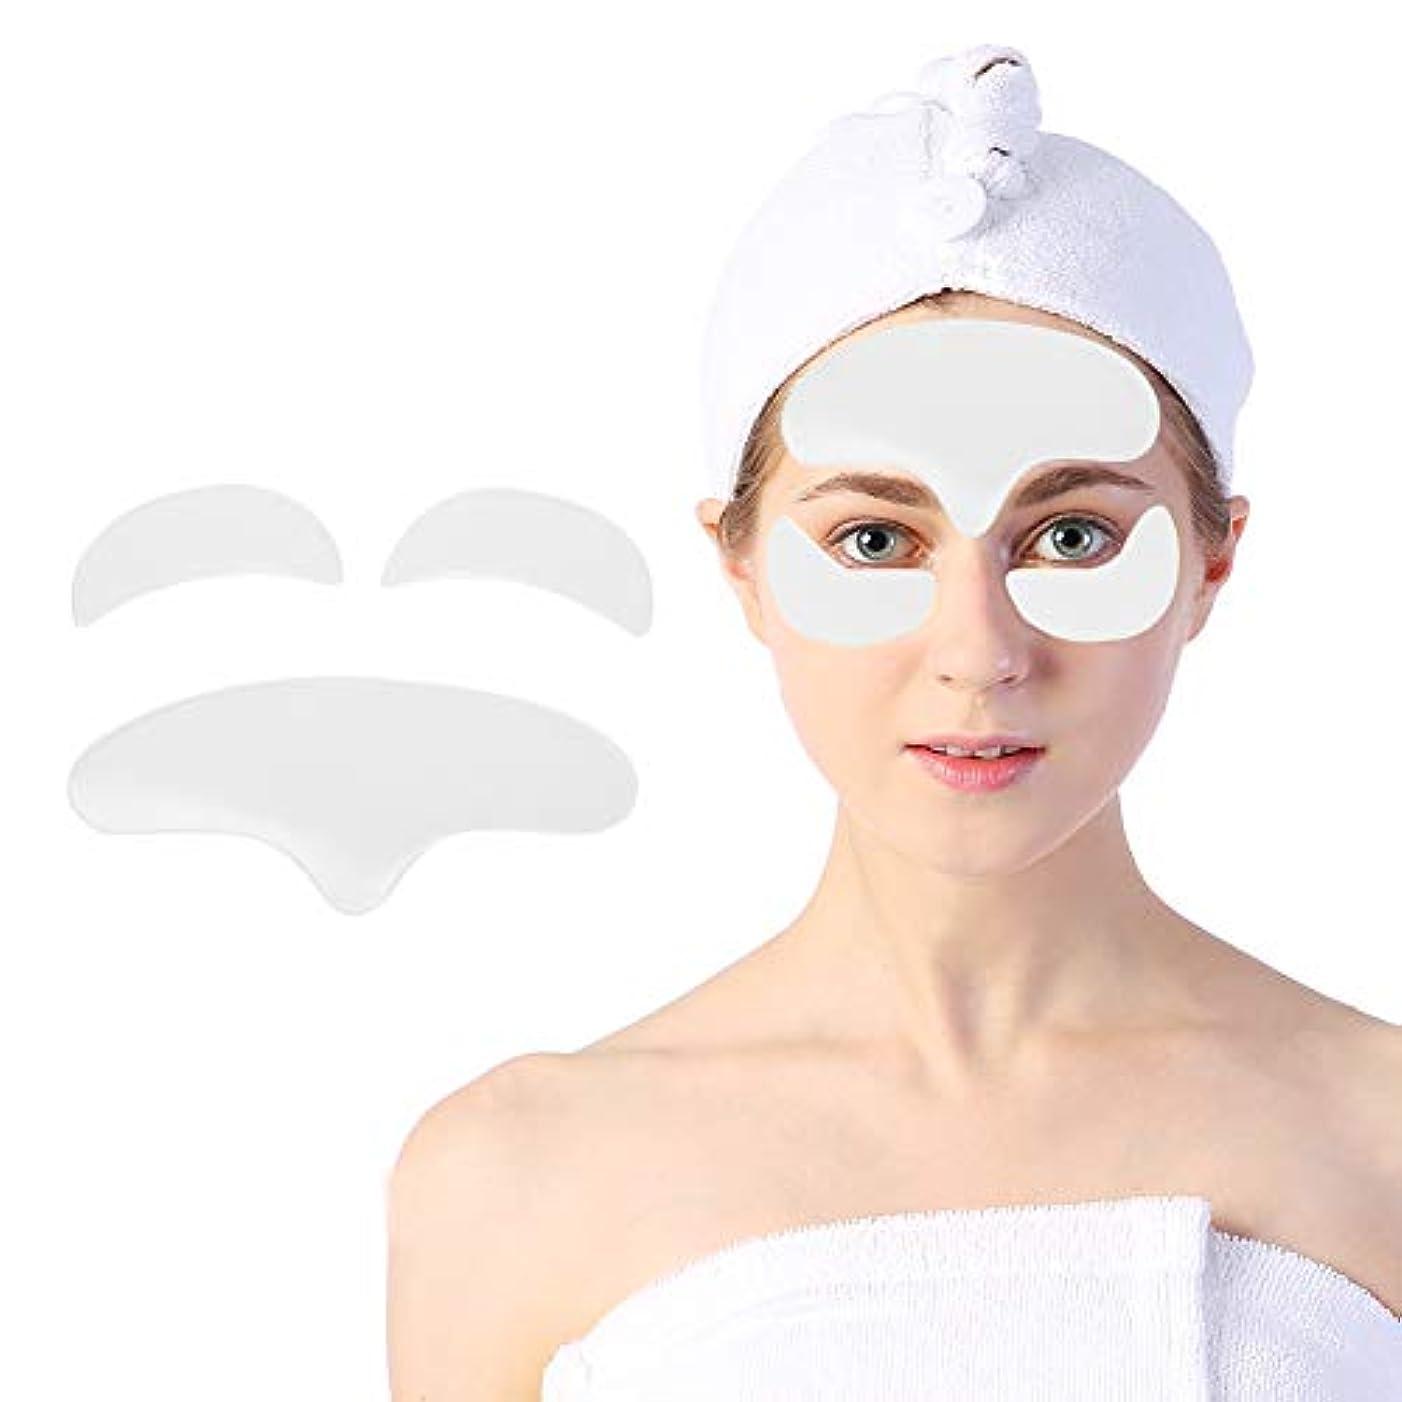 防腐剤大脳不機嫌そうな顔用アンチリンクルパッド、顔面および目の皮膚を持ち上げて引き締めるための再利用可能なシリコーン肌のリラクゼーションパッチ